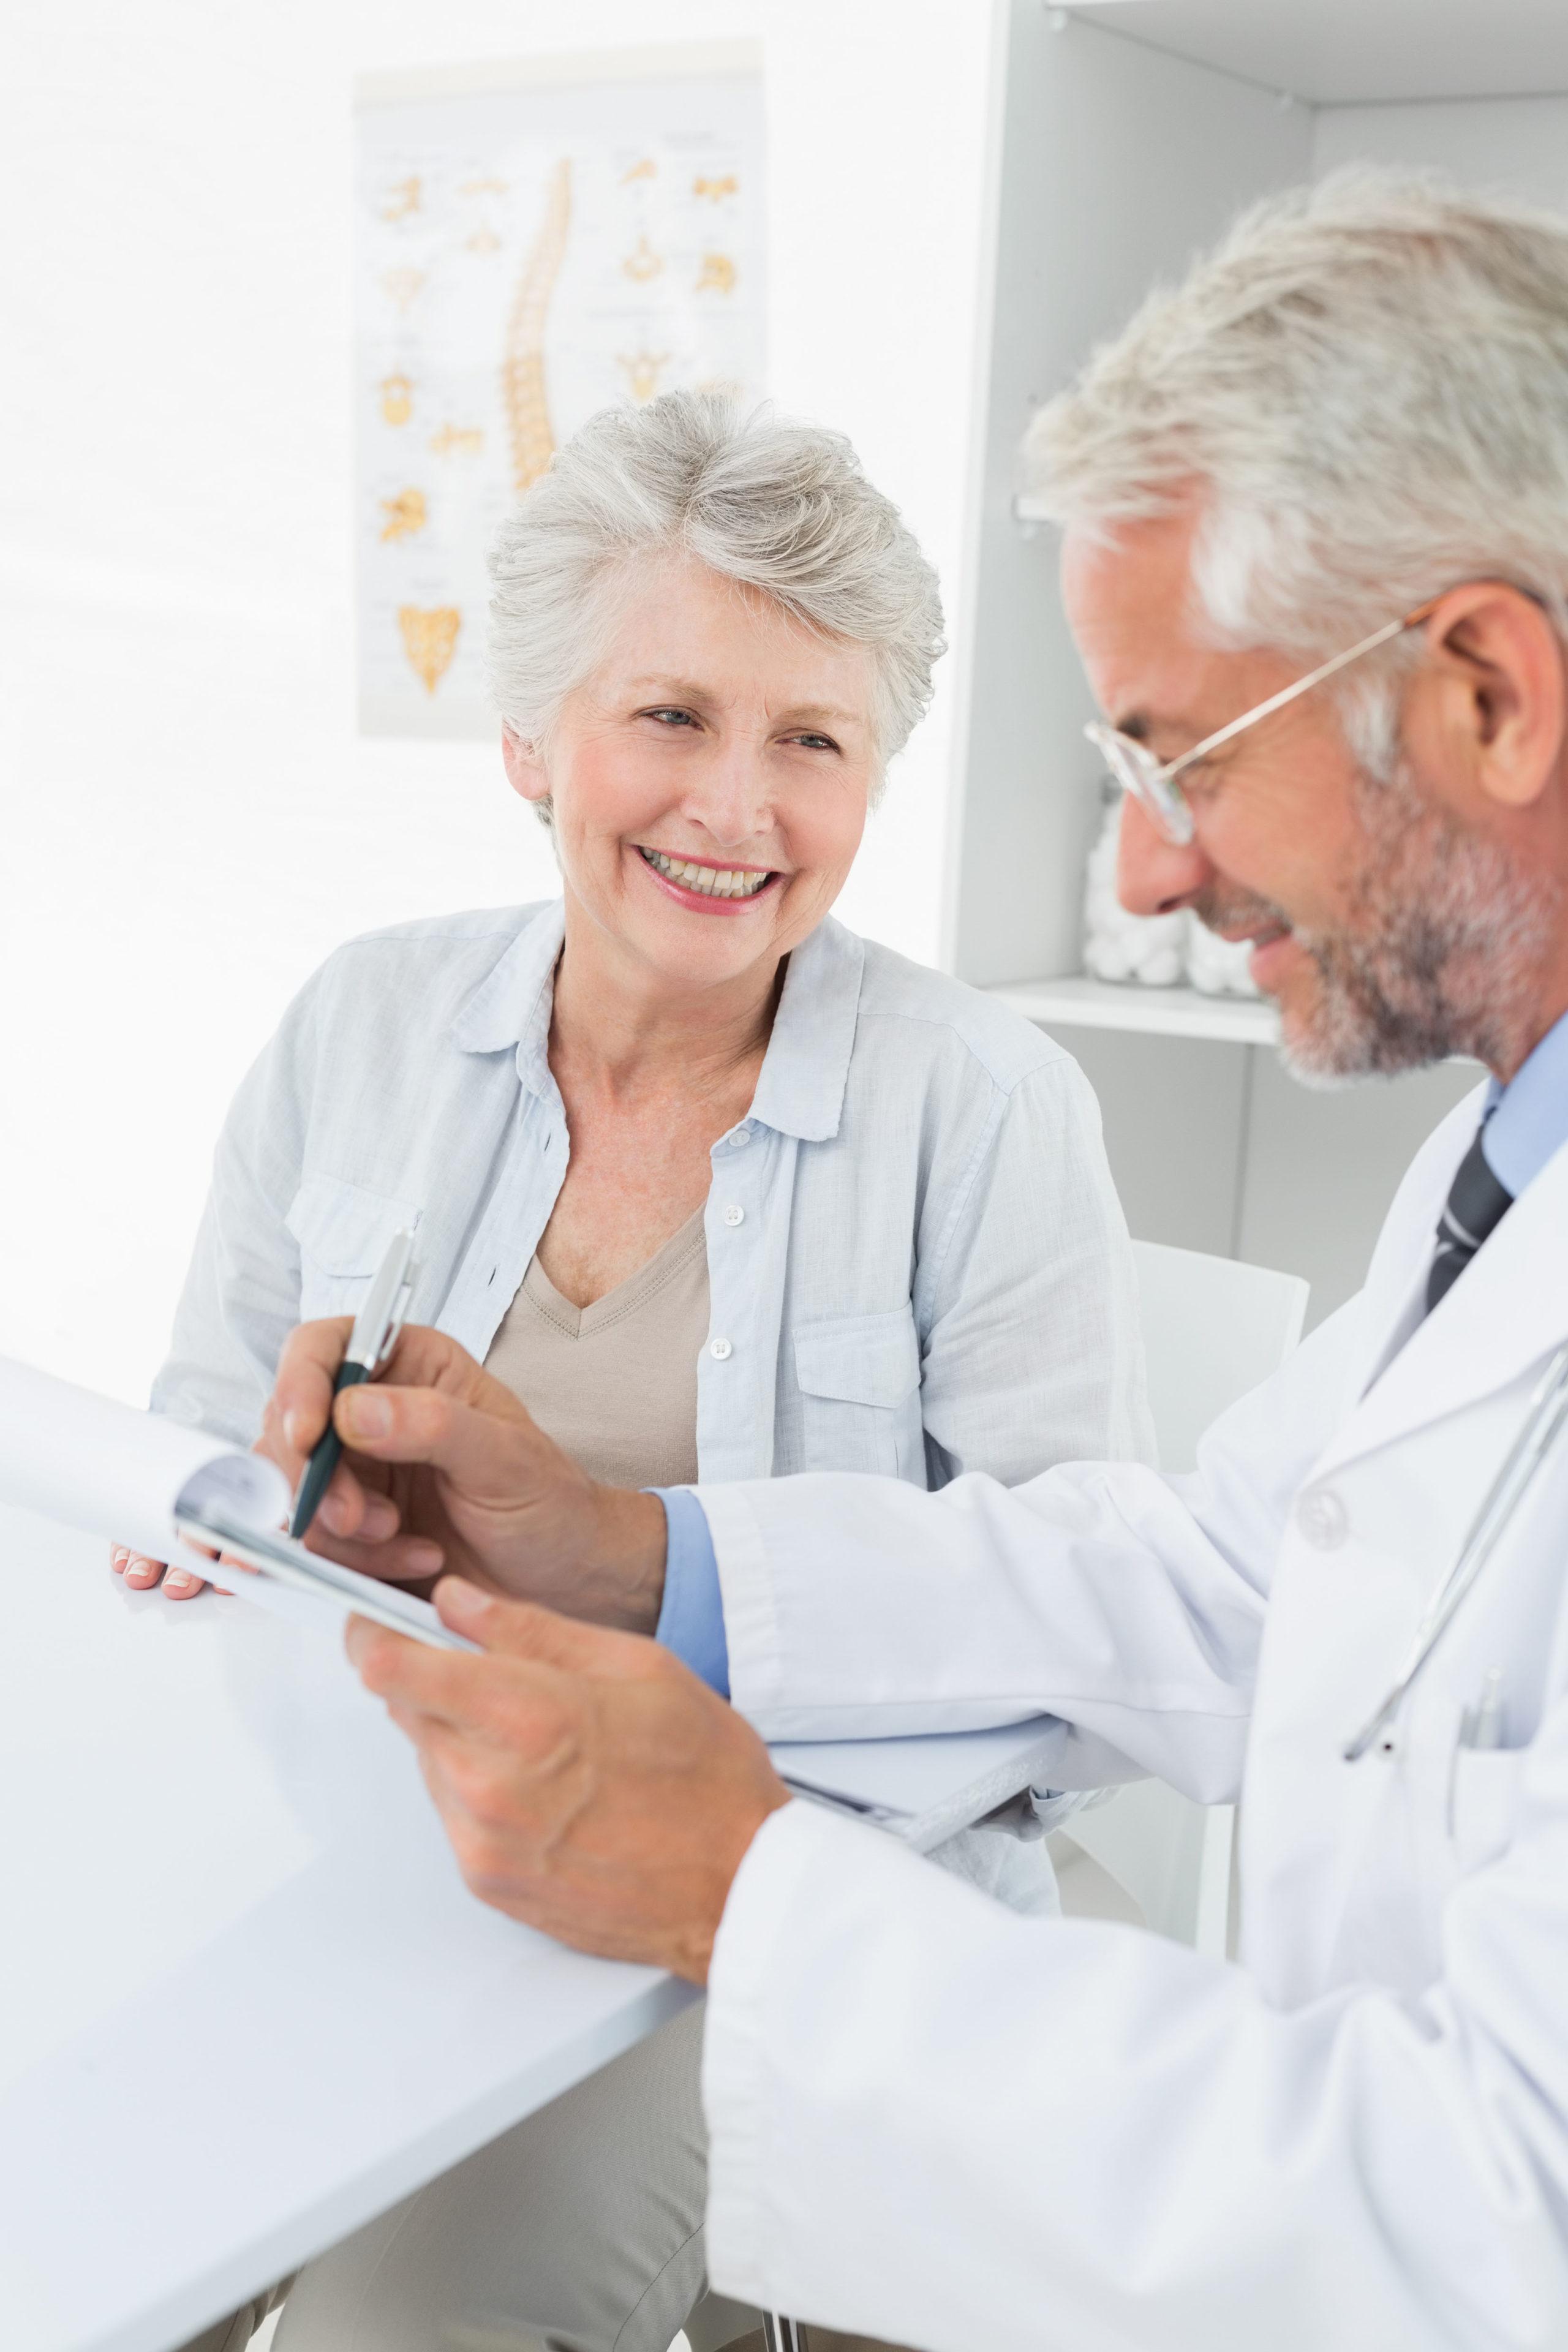 Menschen über 60 Jahre sollten sich ebenso wie andere Risikogruppen rechtzeitig bei ihrem Arzt zur Grippeschutzimpfung anmelden.